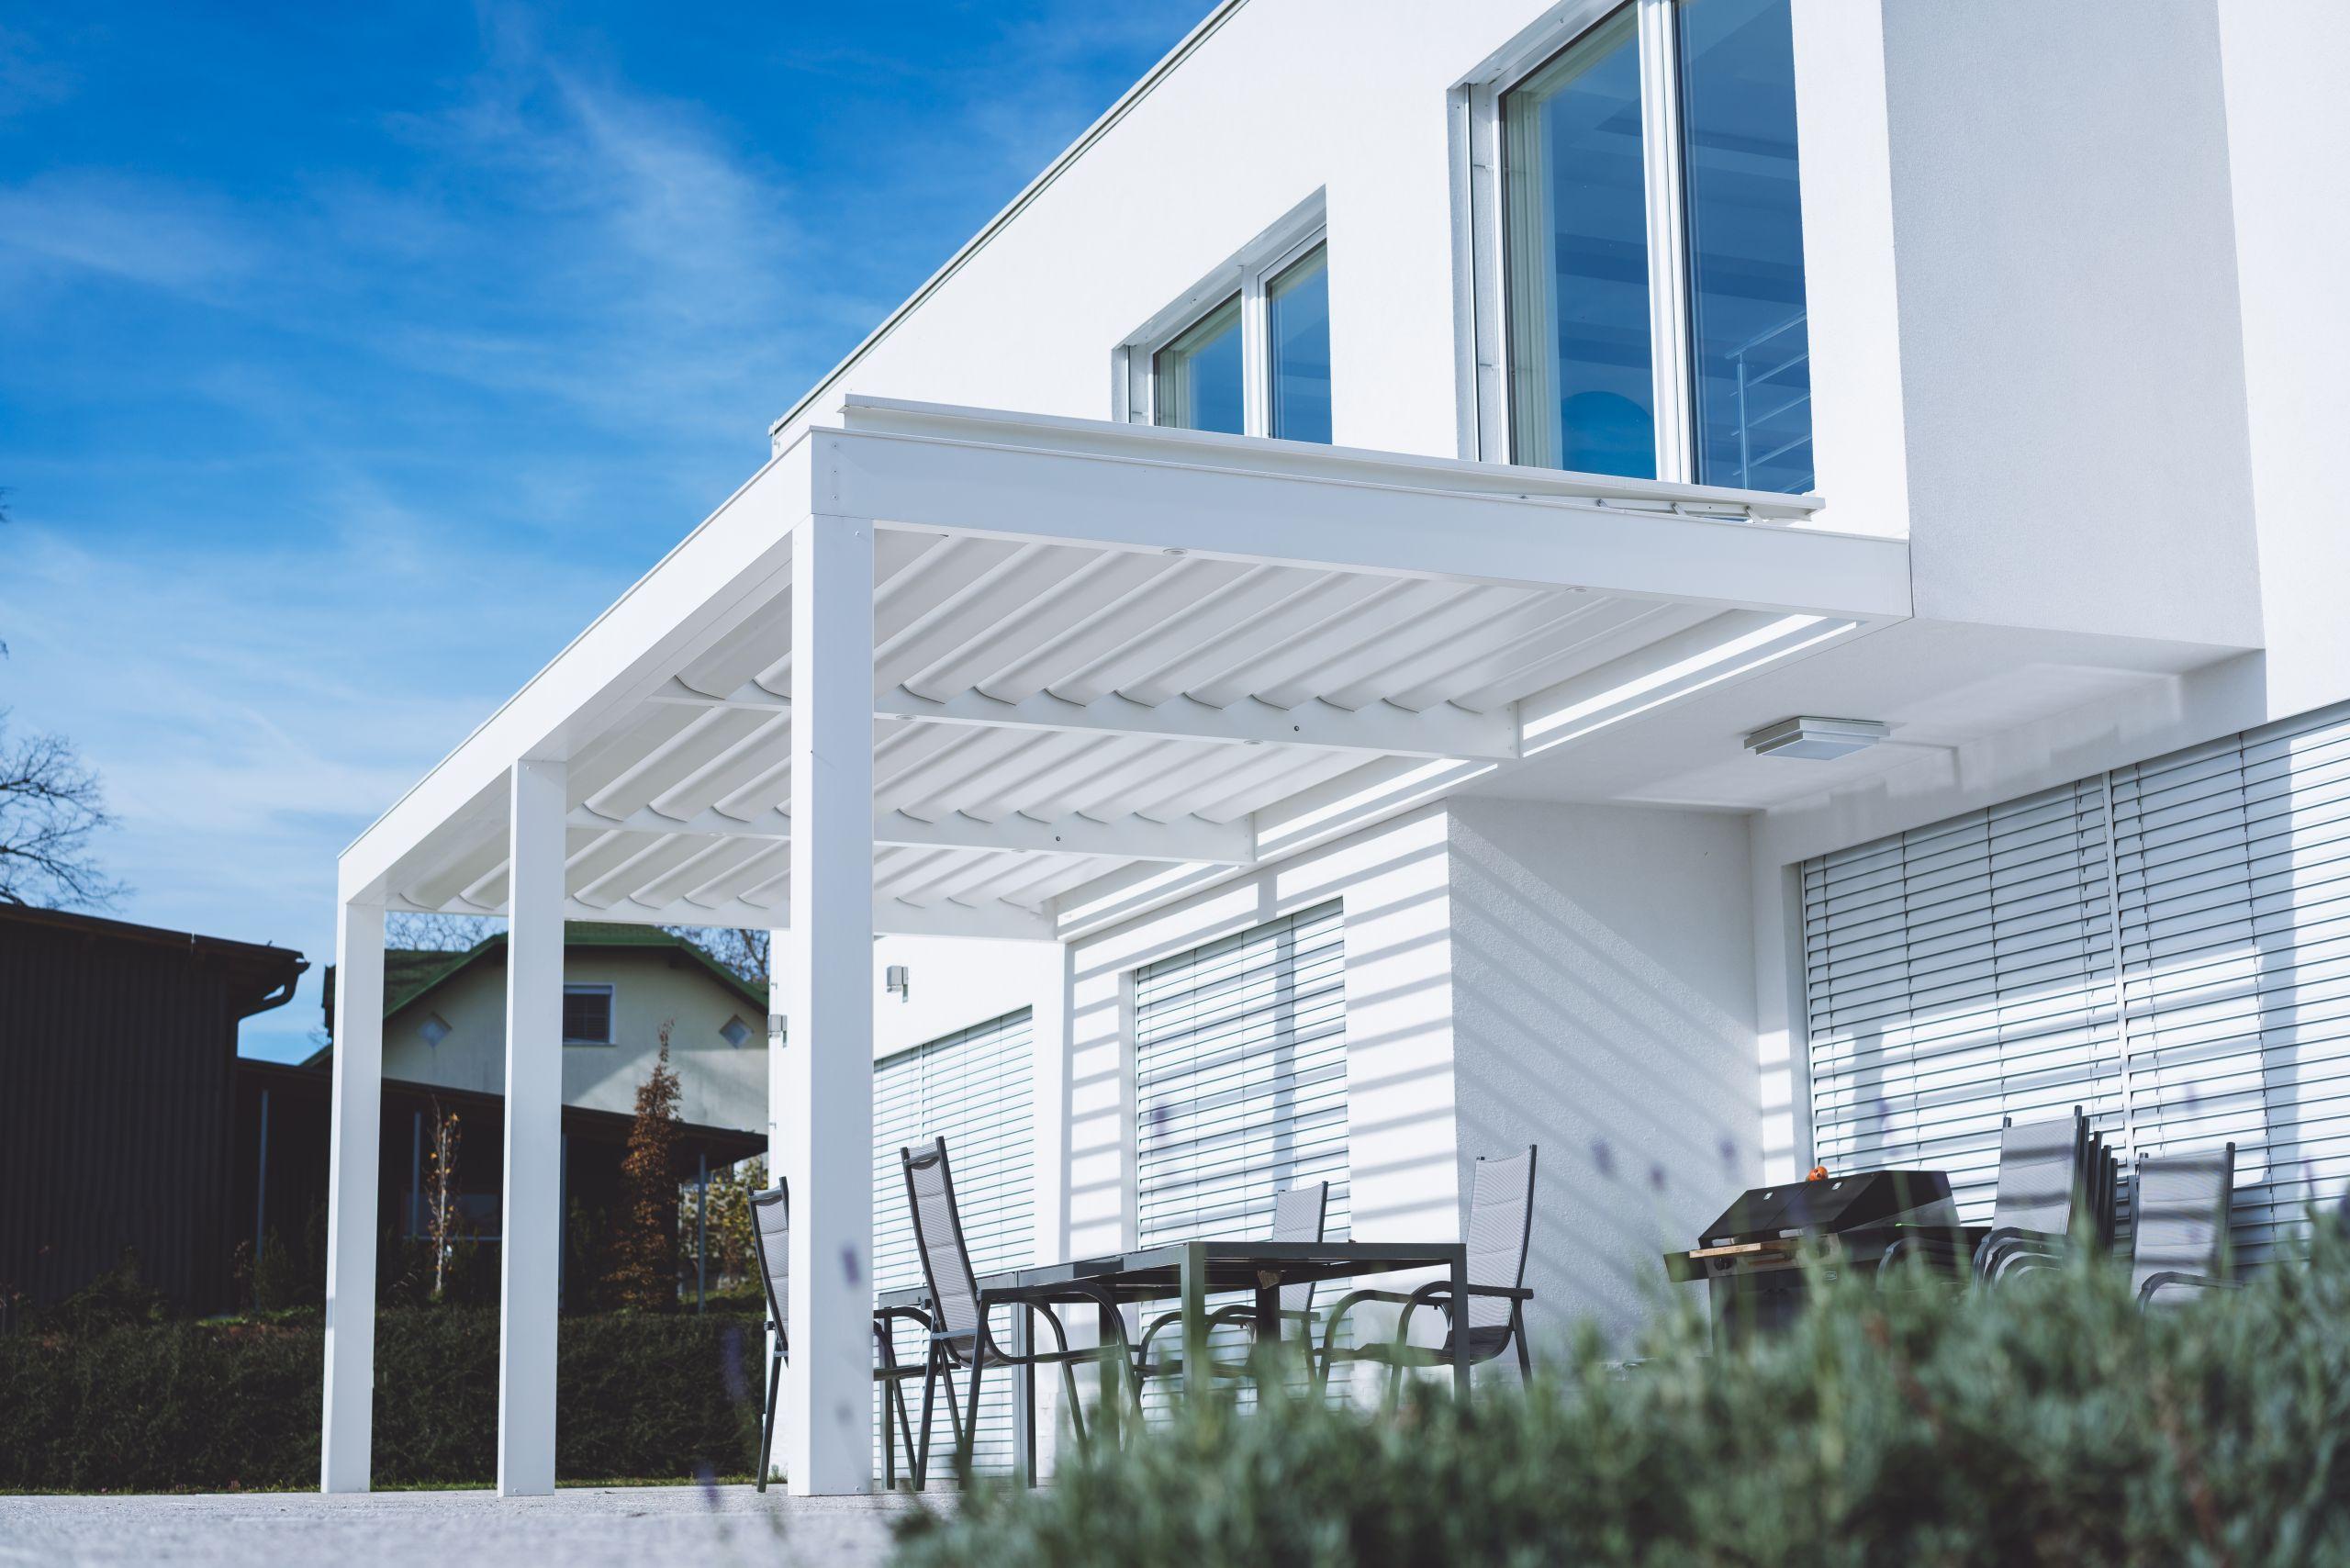 Bioklimatske pergole za terase